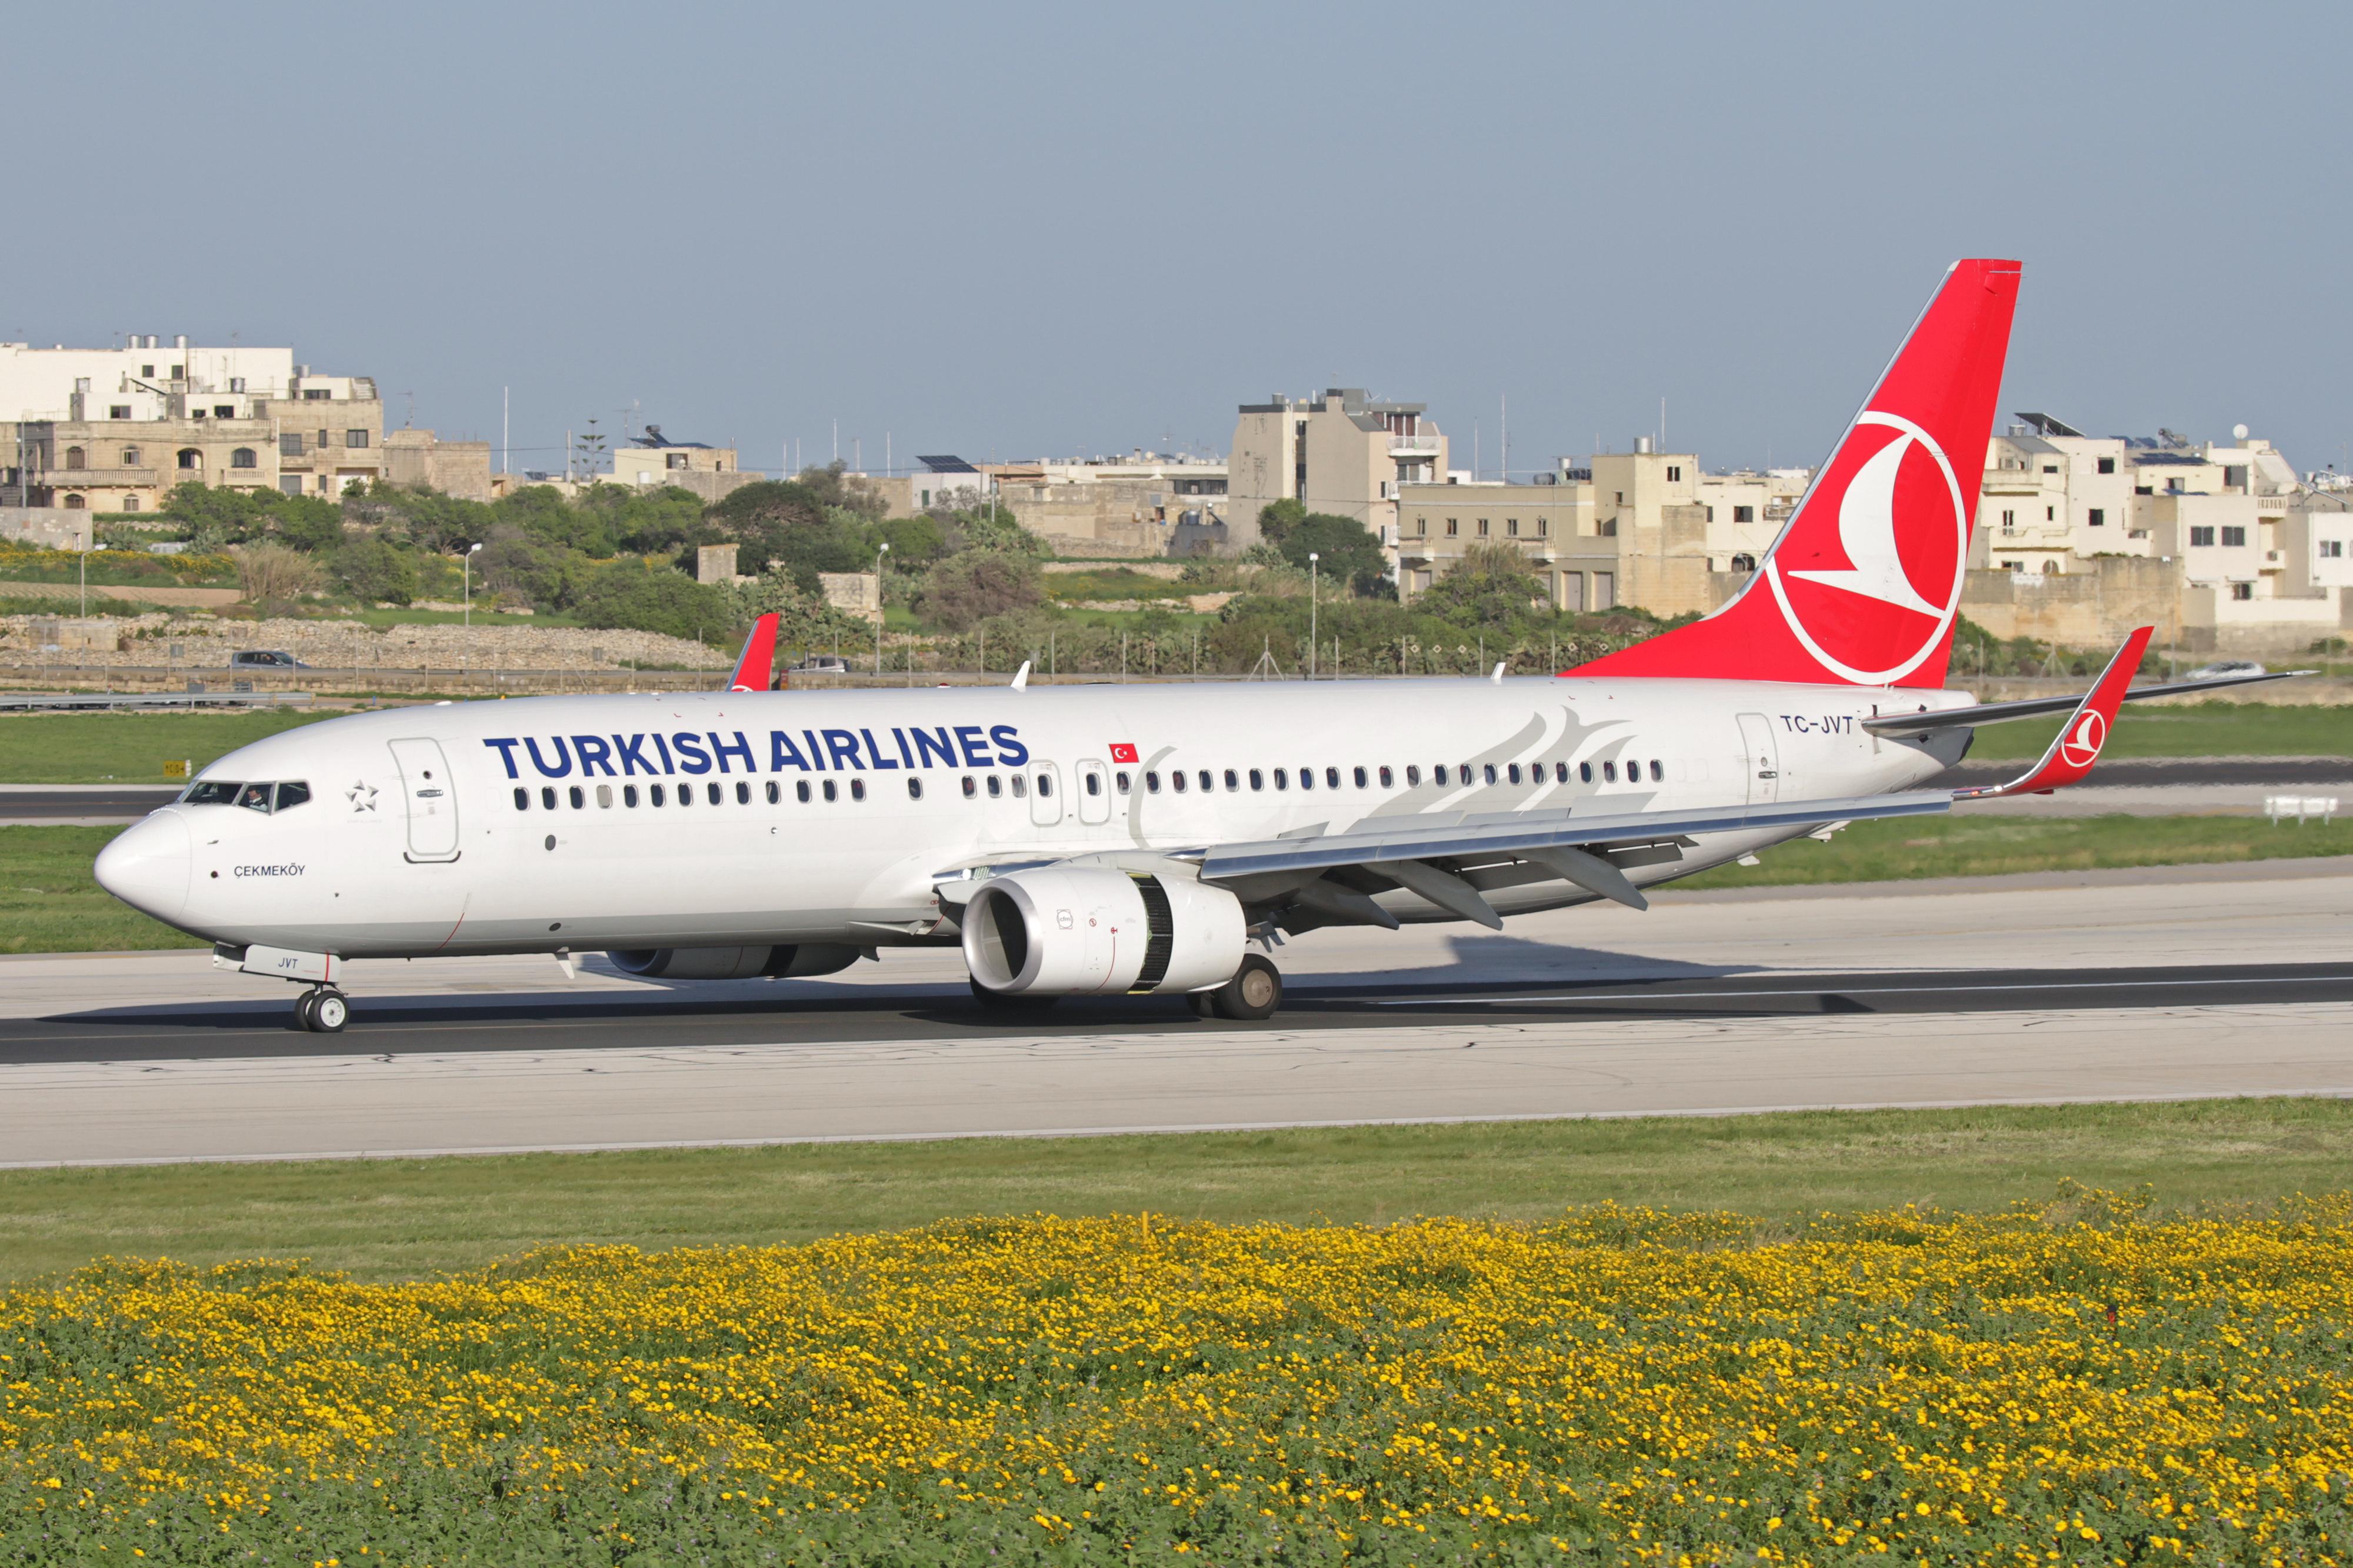 картинки самолеты турецкие авиалинии вызывает